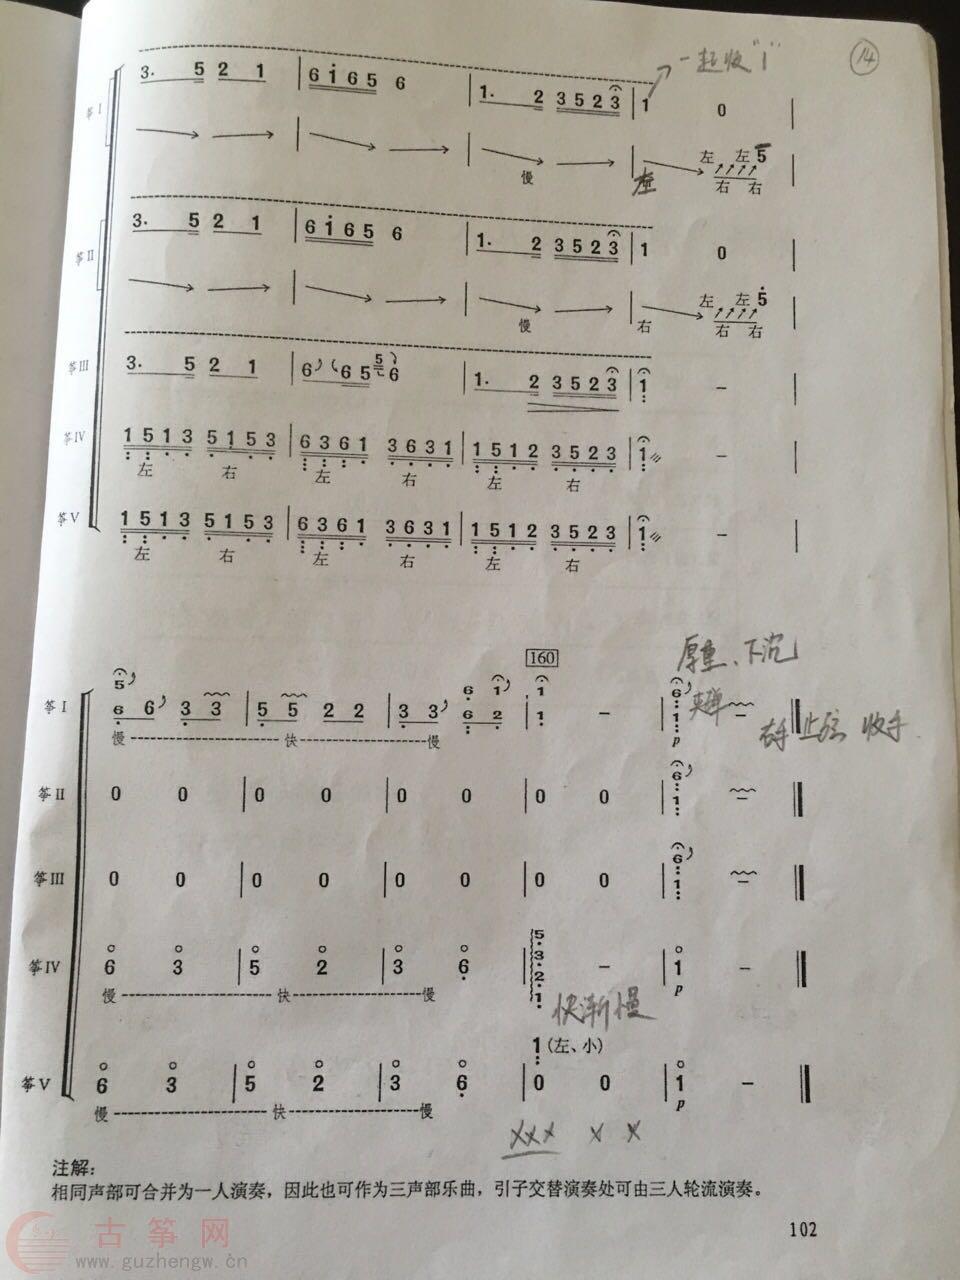 五重奏渔舟唱晚(袁莎编) - 艺术古筝曲谱 - 中国古筝